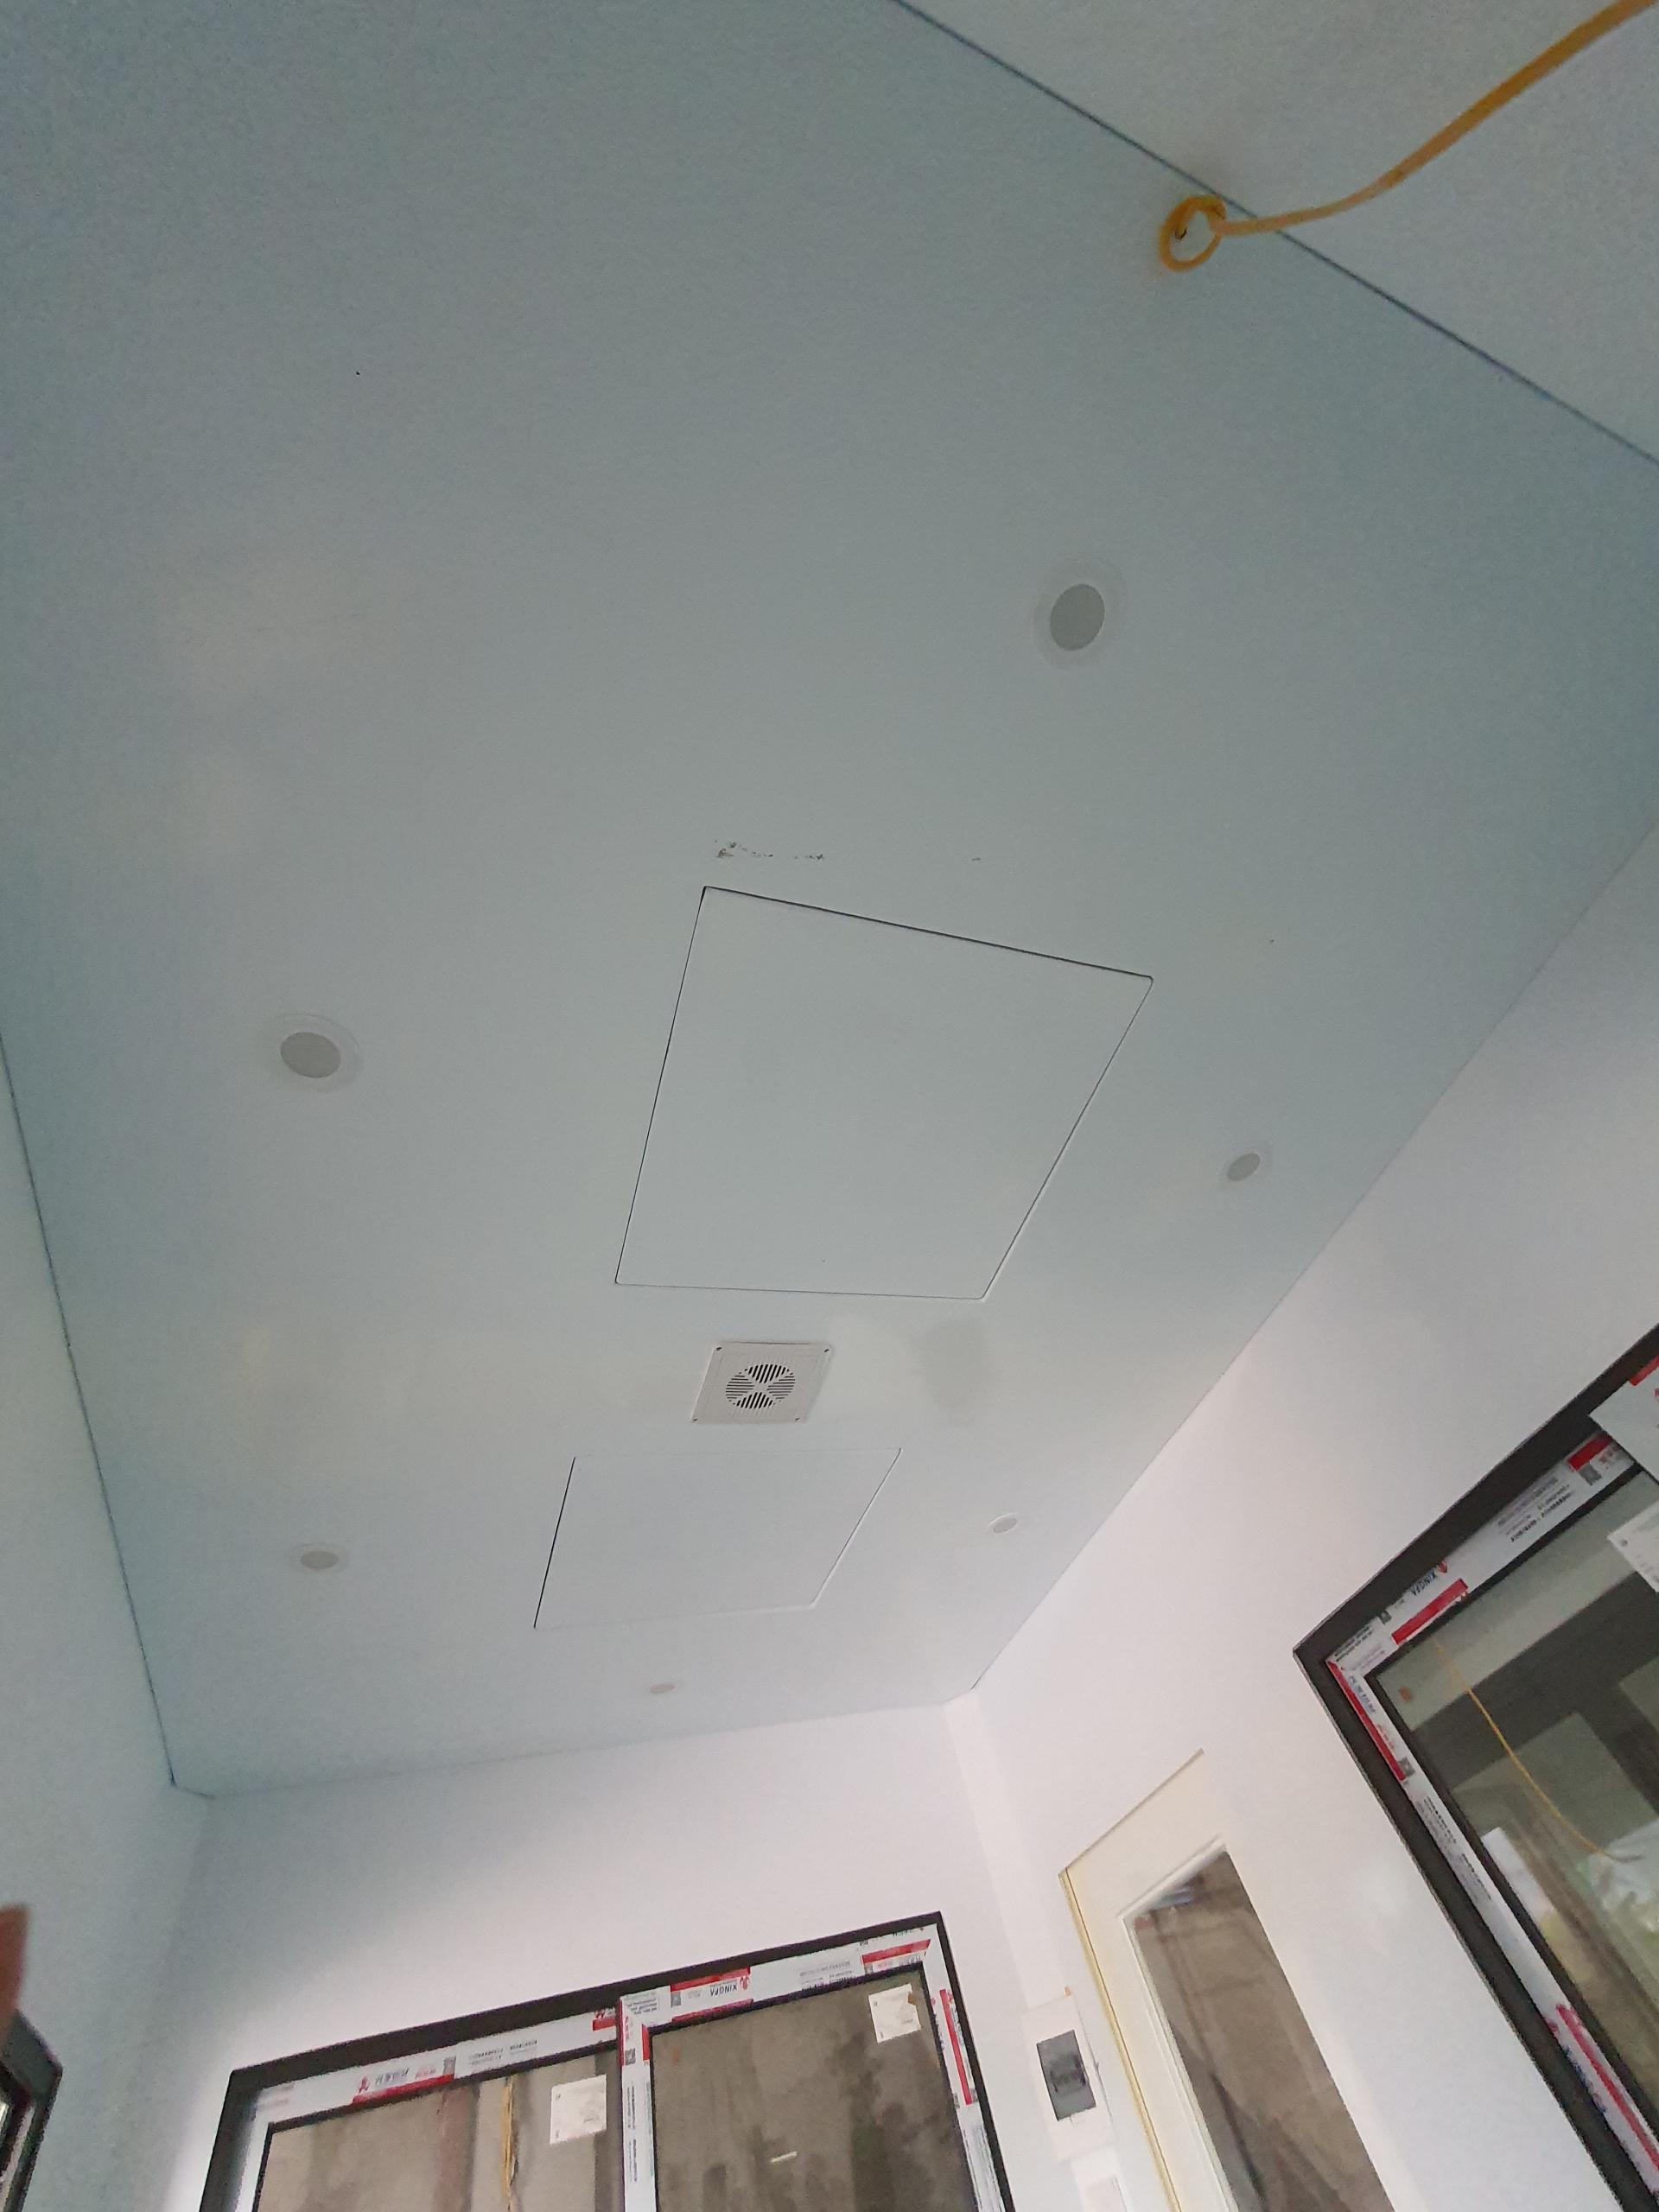 20200801 145802 scaled - Nhà bảo vệ Handy H2x3m